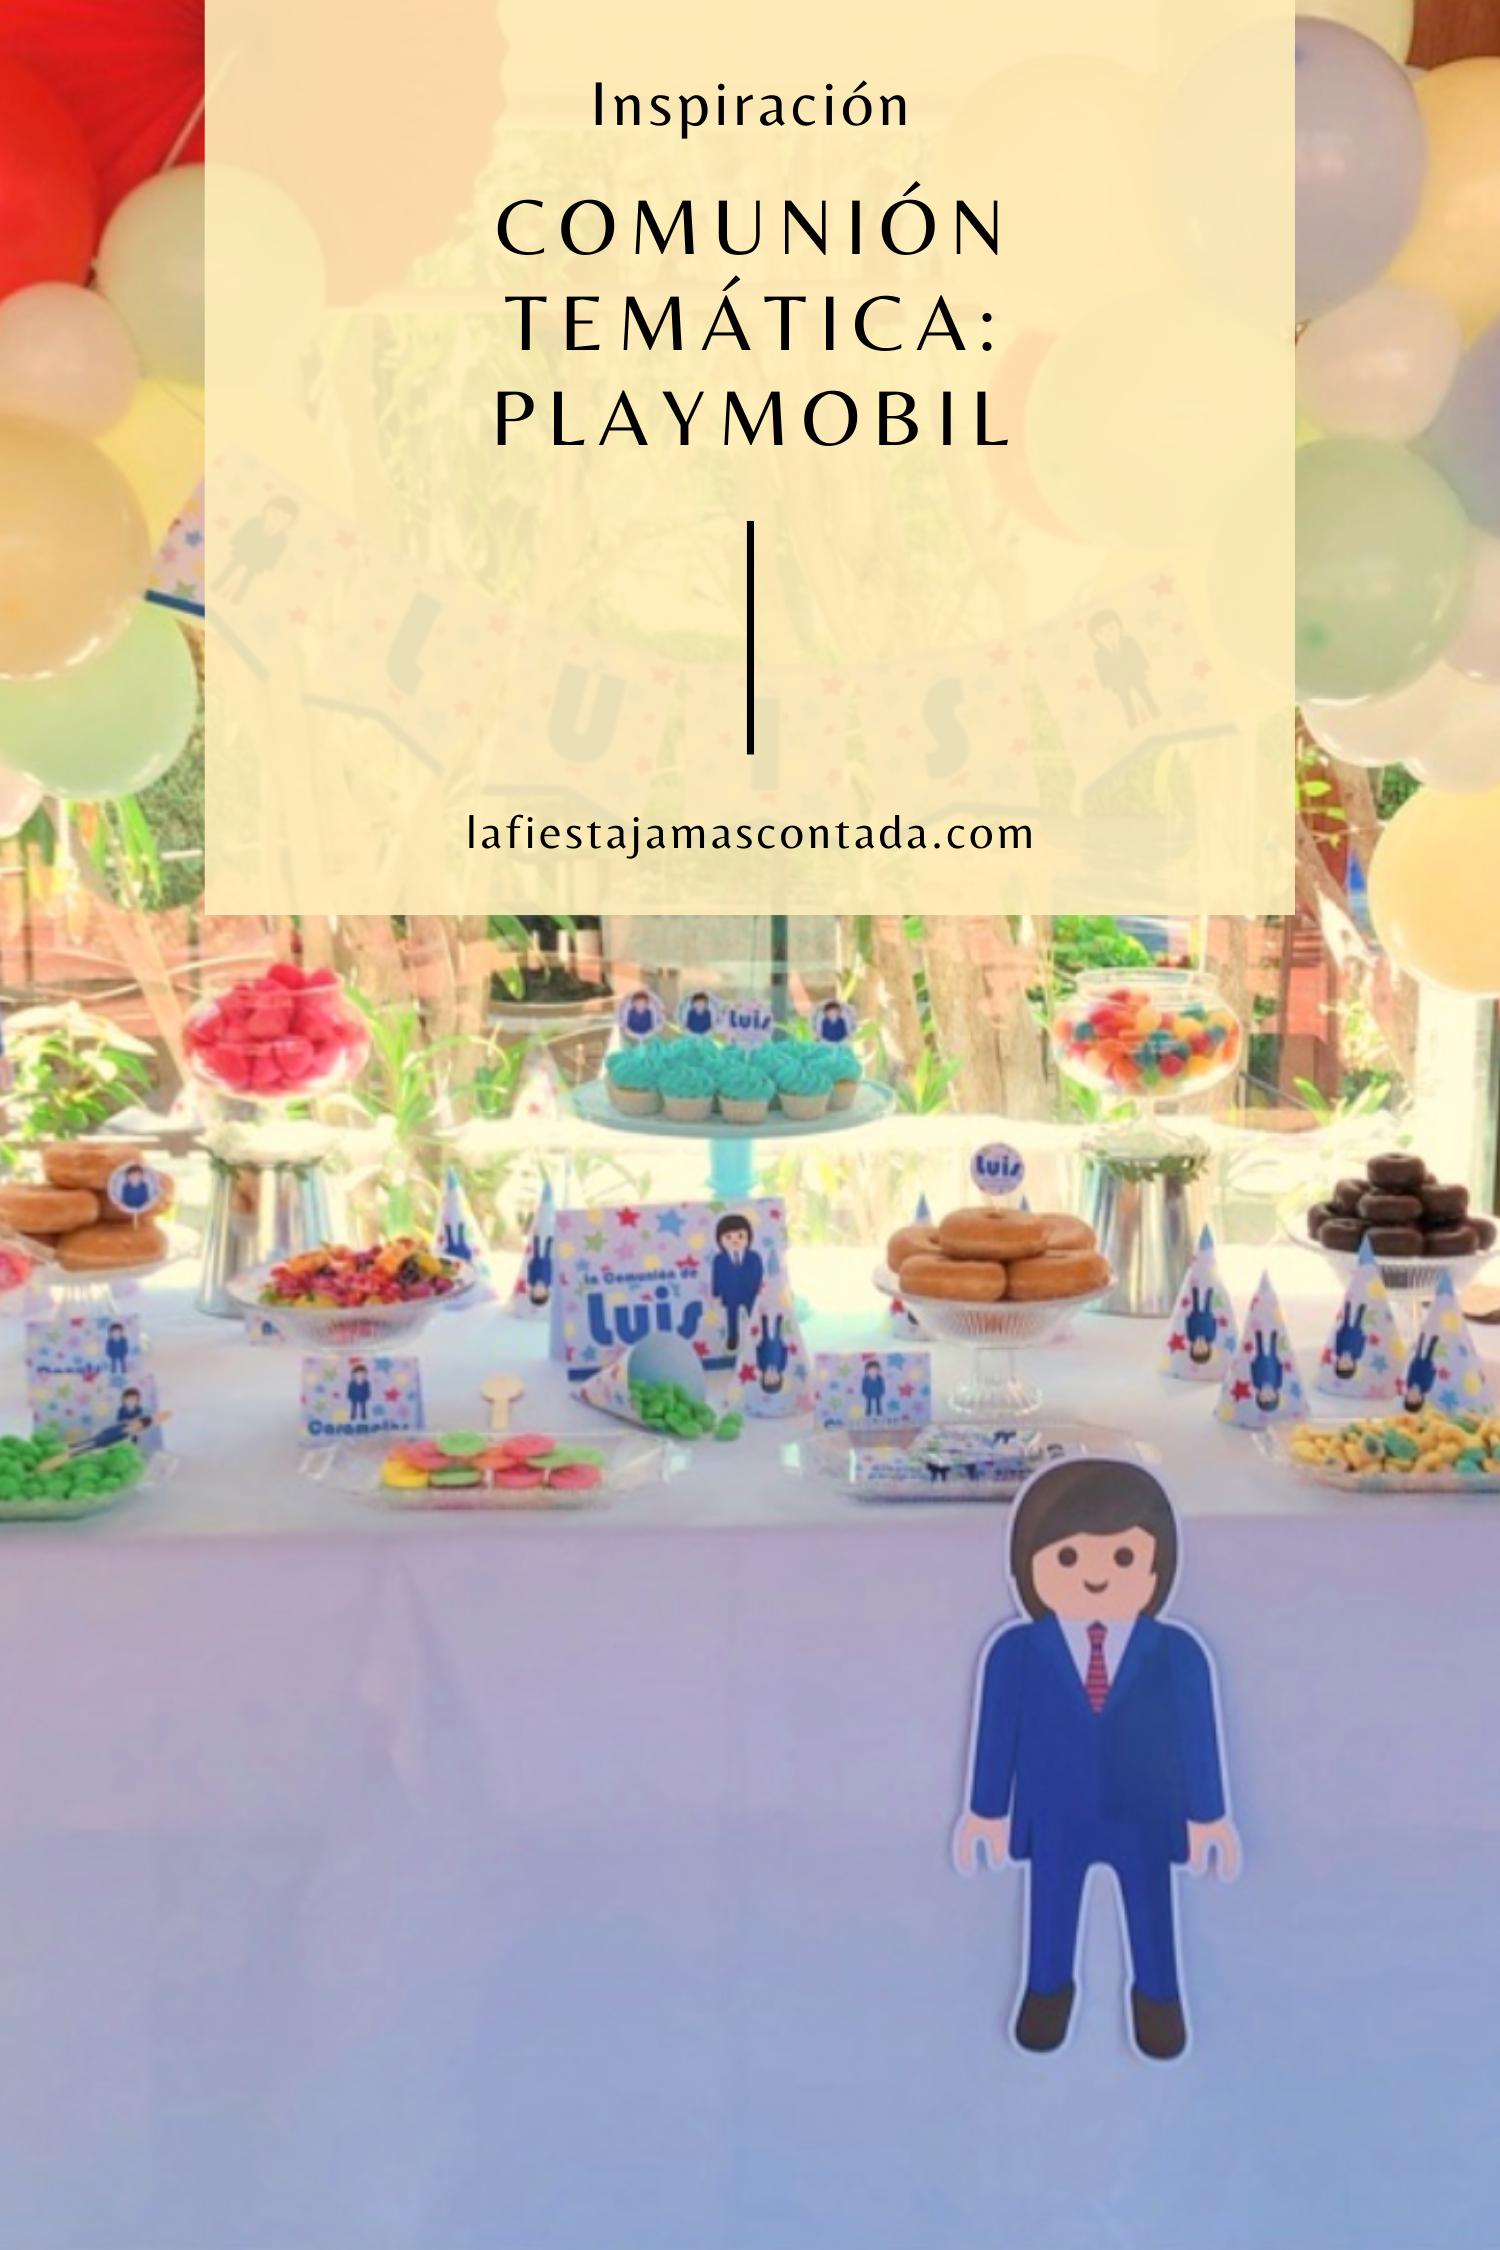 Organiza Una Comunión Temática Inspirada En Los Muñecos De Playmobil Juguetes De Playmobil Eventos Decoracion De Eventos